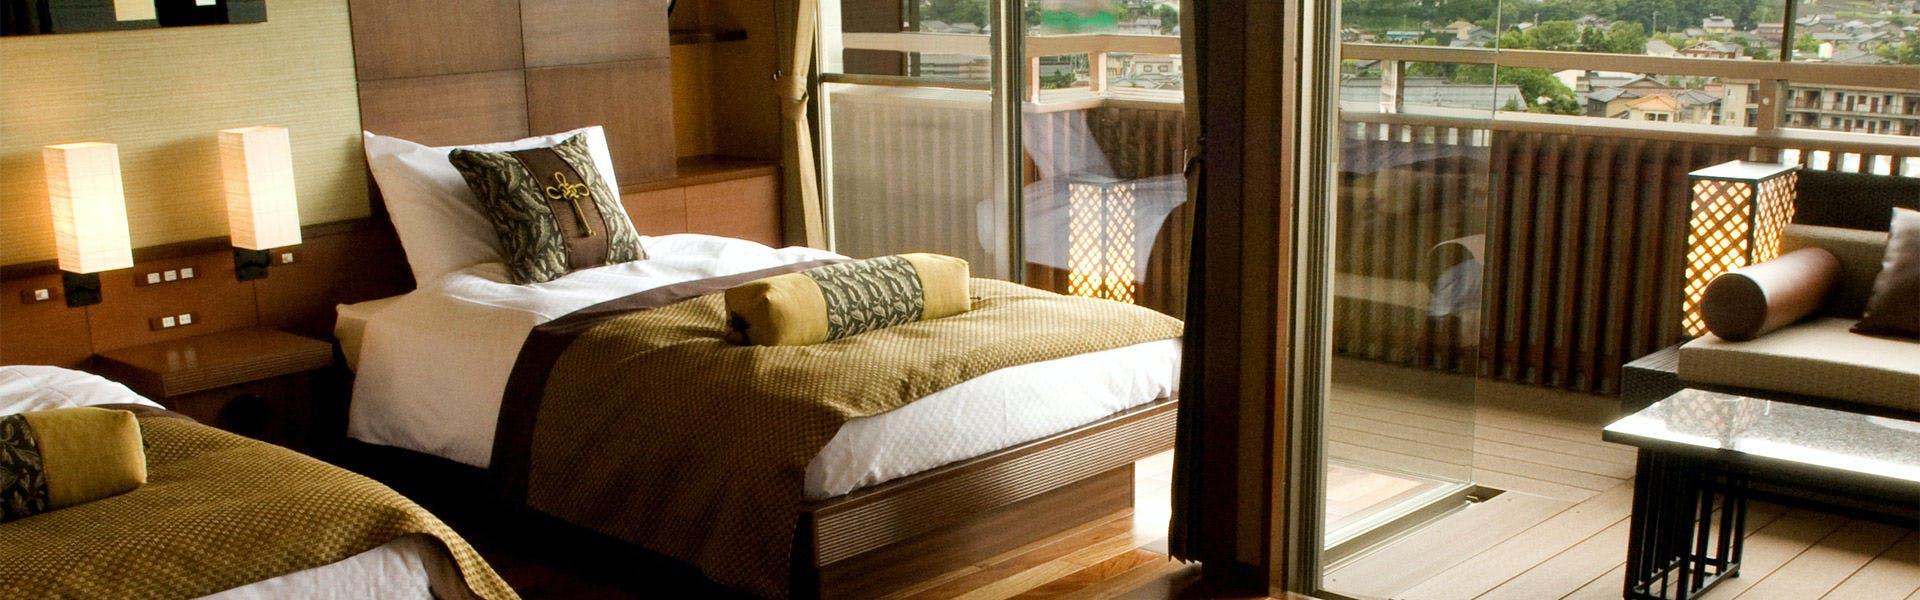 記念日におすすめのホテル・ゆのくに天祥の写真3